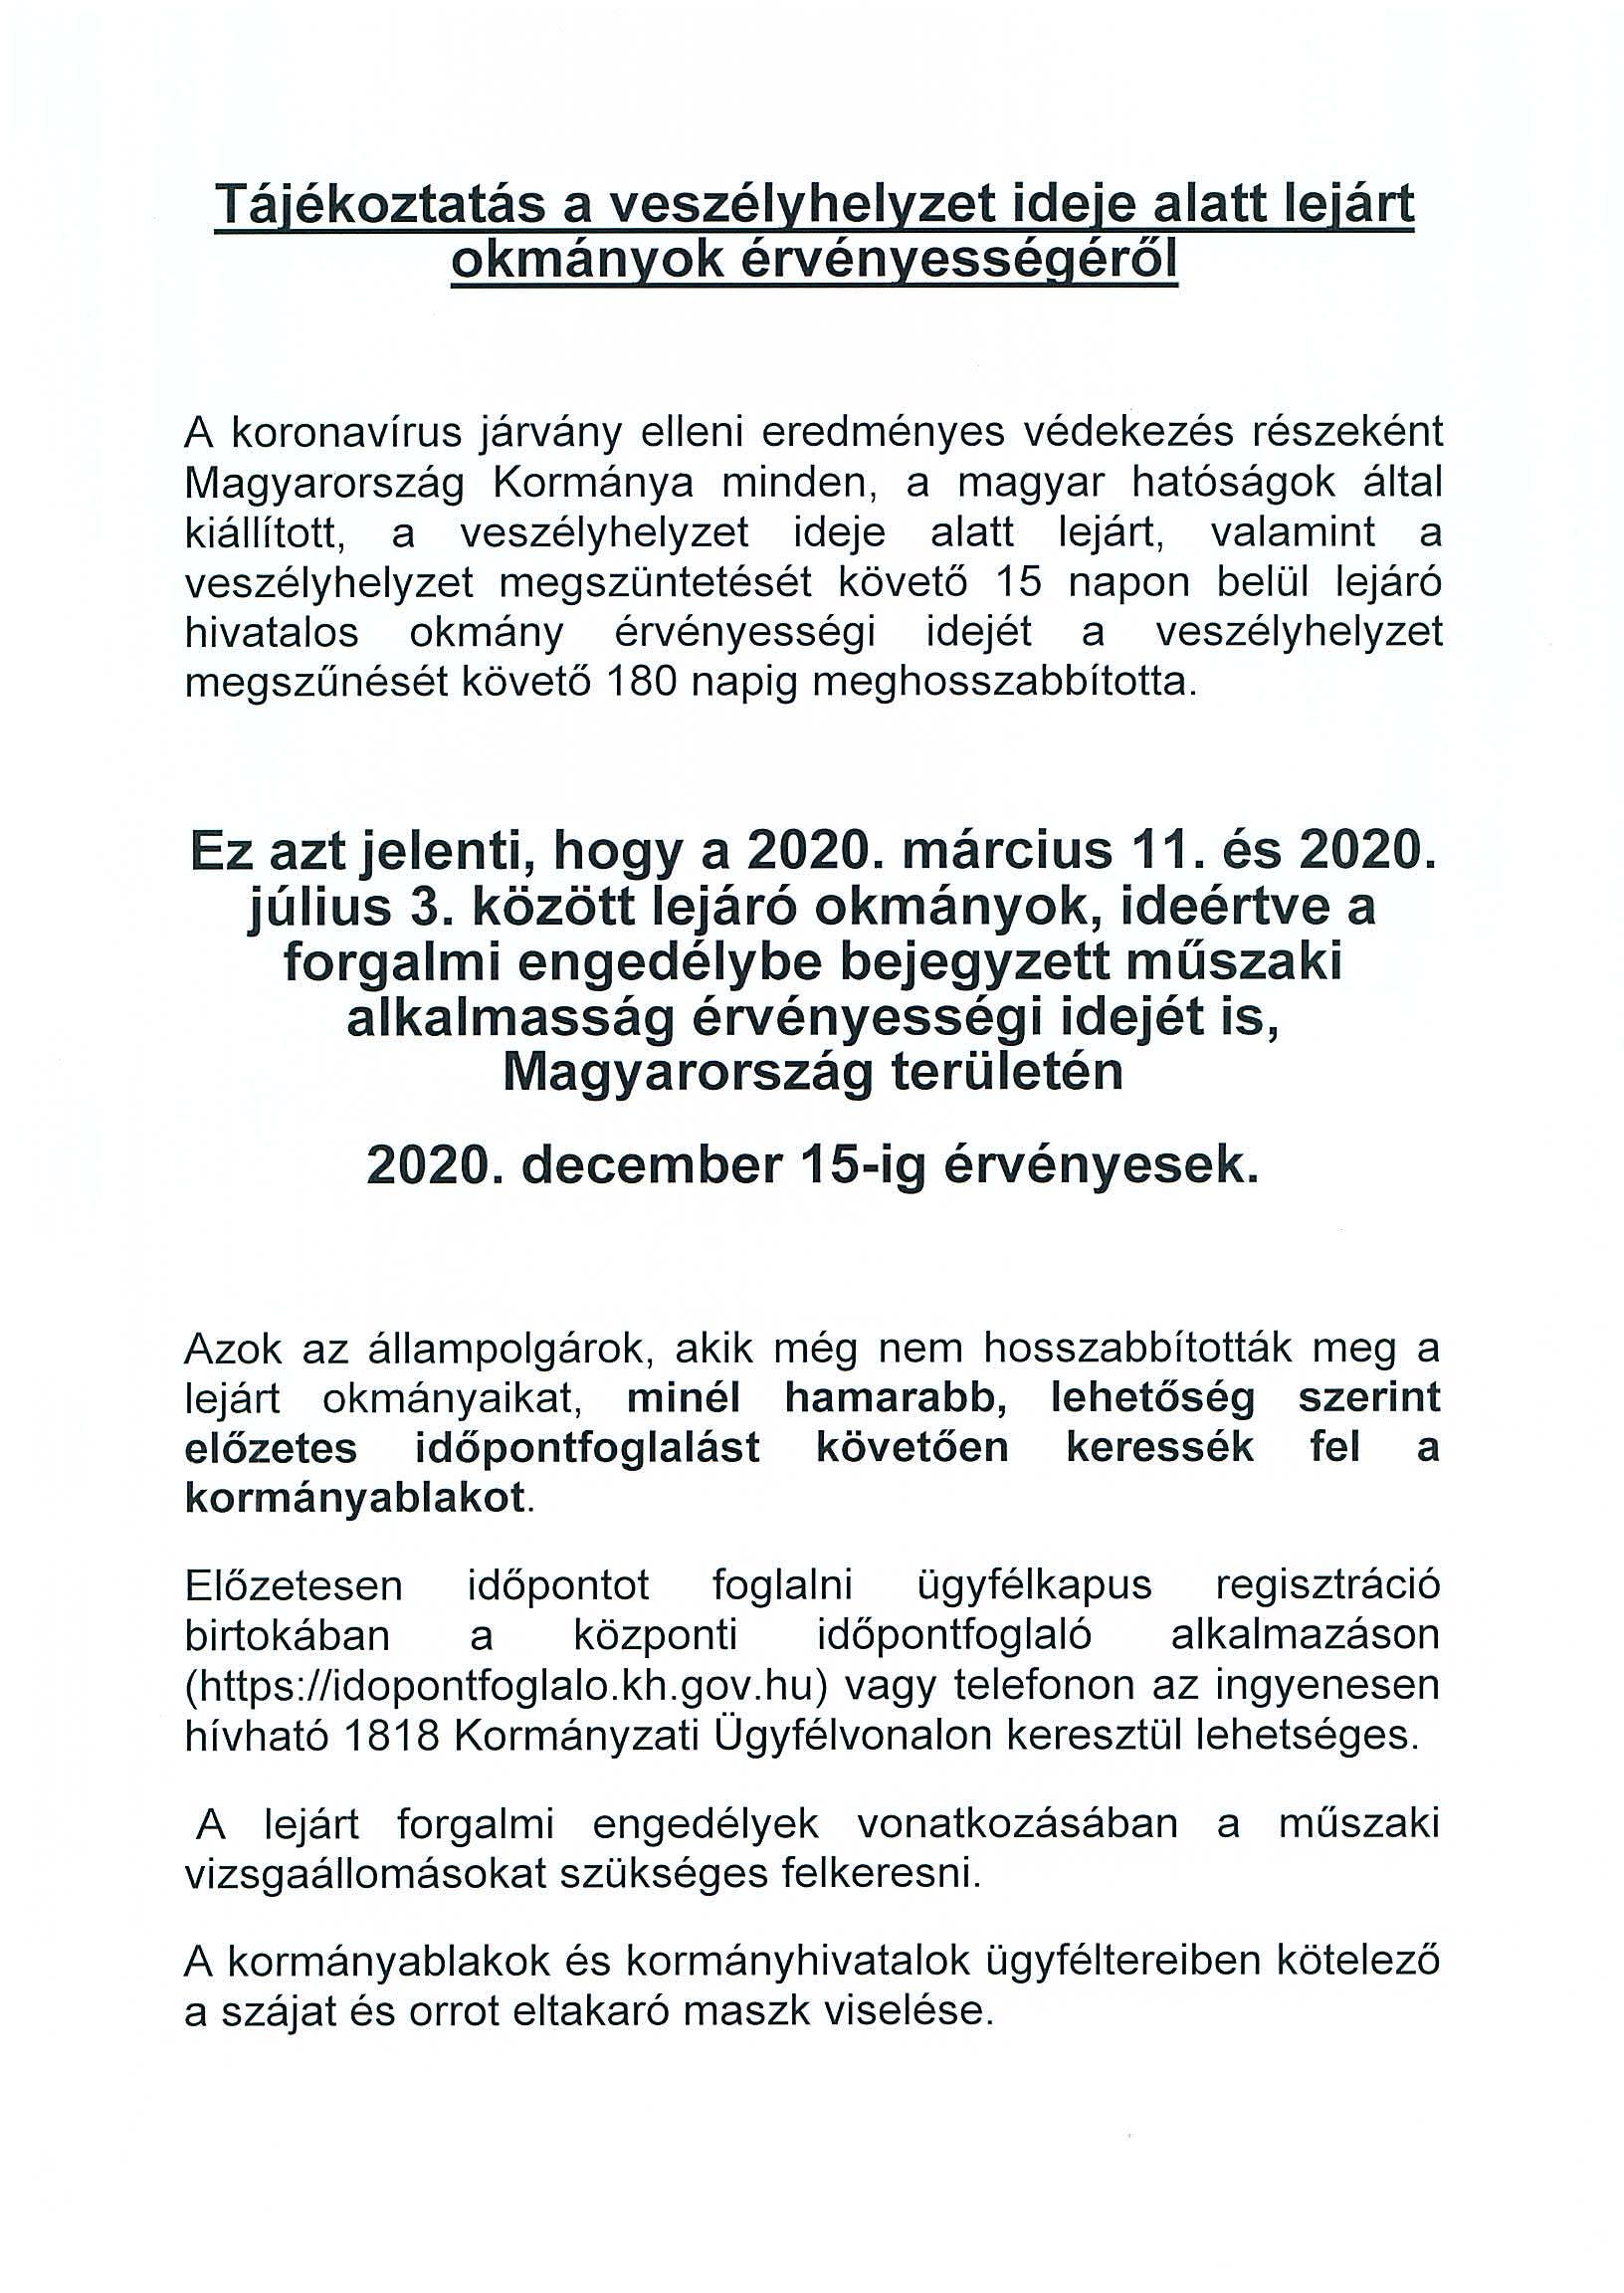 Kormányhivatali tájékoztató lejárt okmányok érvényességéről